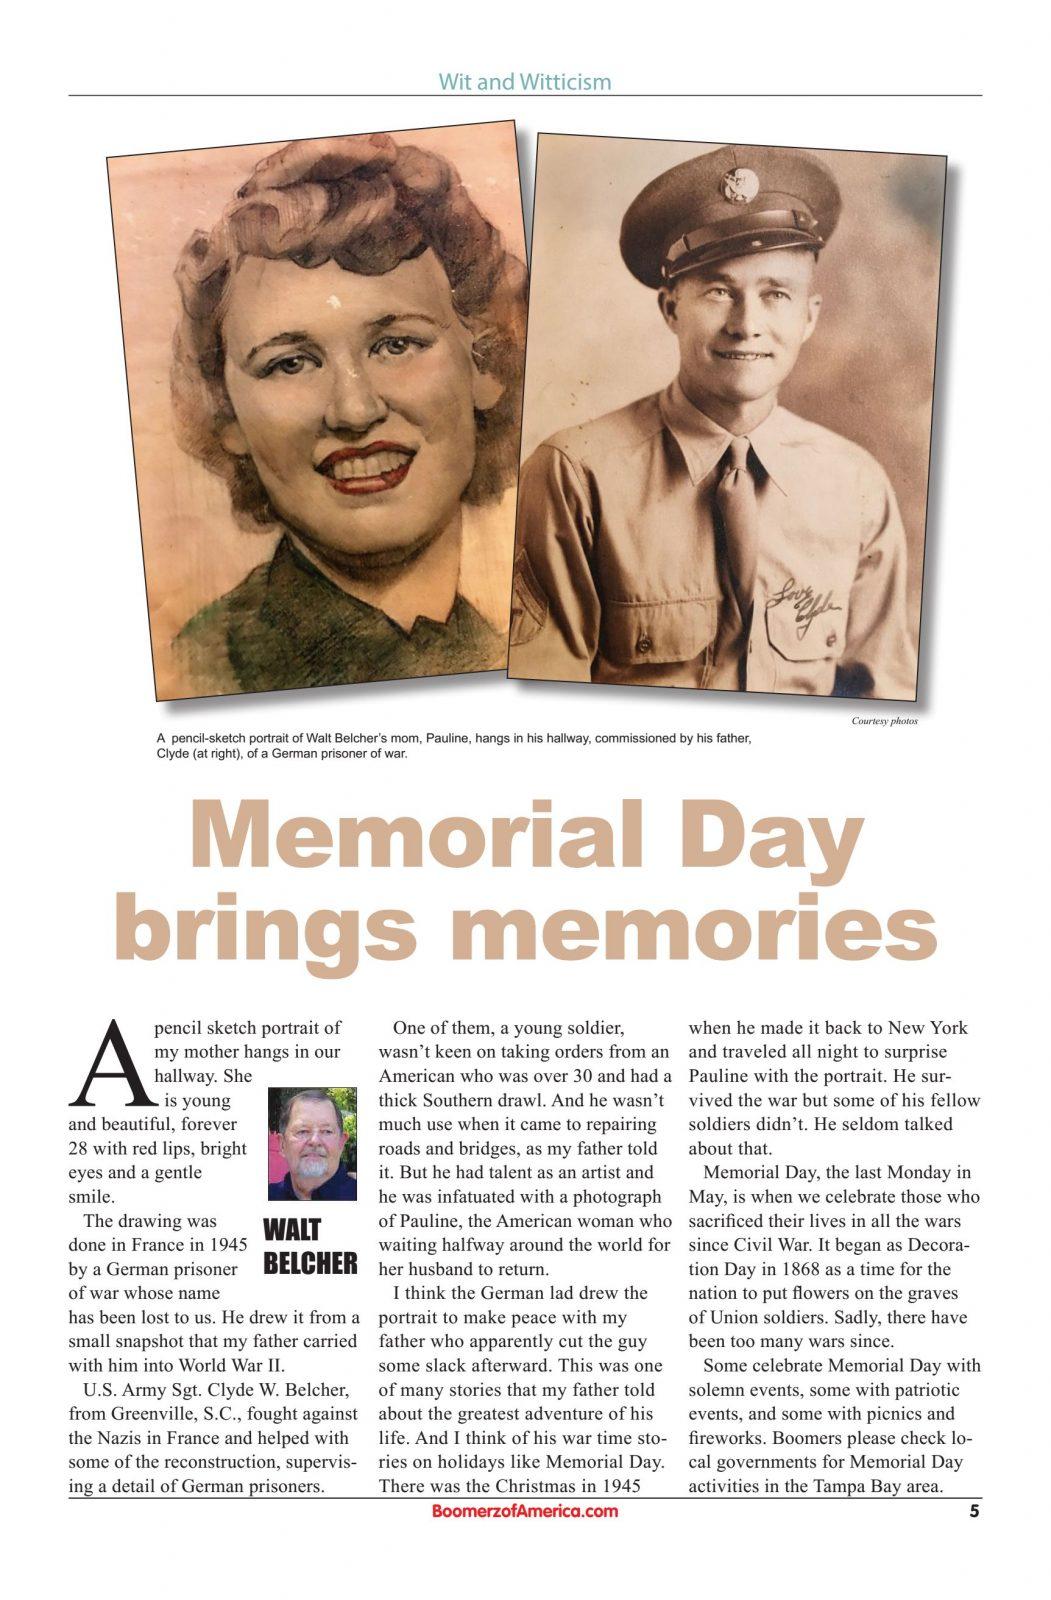 05 May 2019 Boomerz of America Memorial Day brings memories